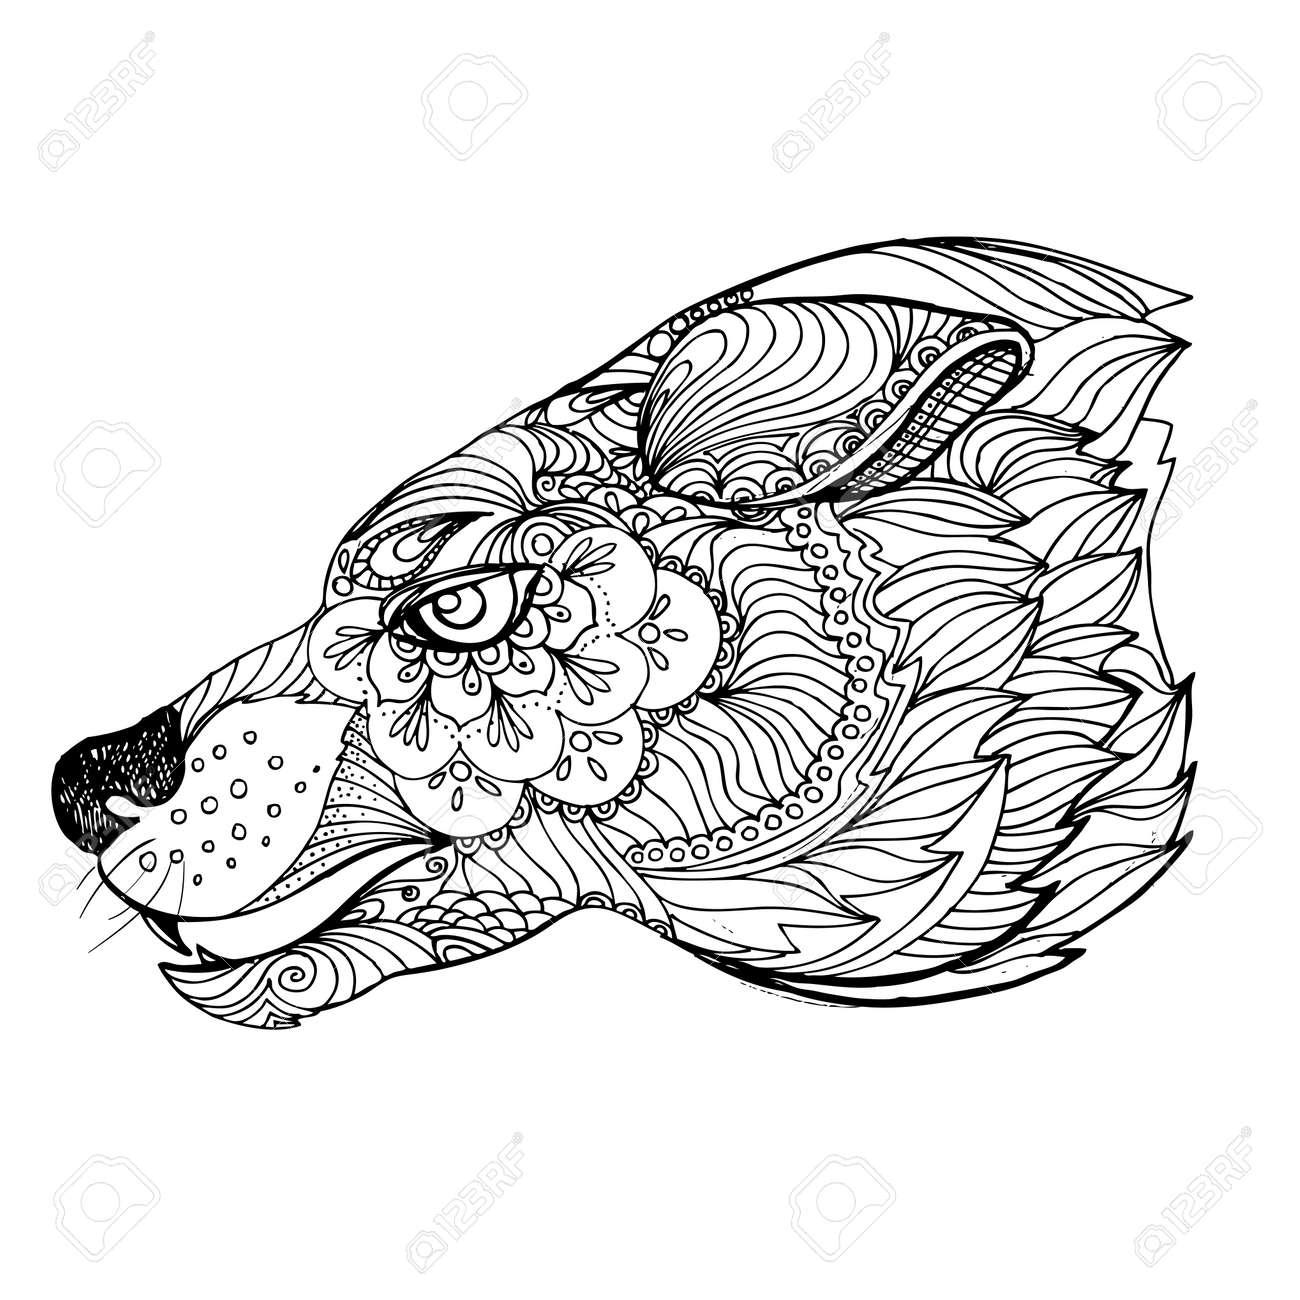 Dibujado A Mano Doodle De La Tinta Del Lobo En El Fondo Blanco ...